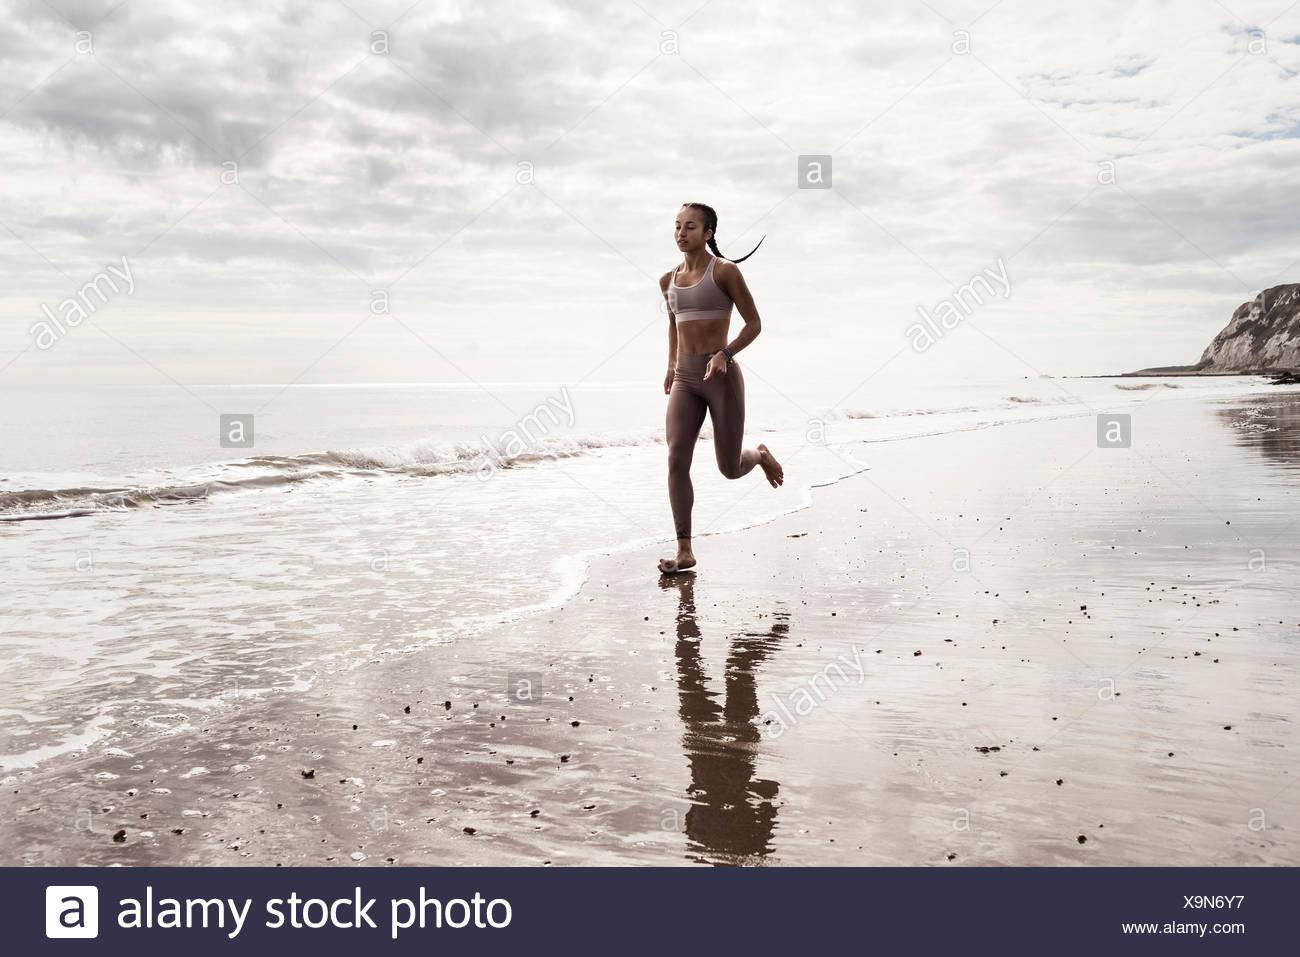 Giovani femmine runner correre a piedi nudi lungo il bordo d'acqua a beach Immagini Stock